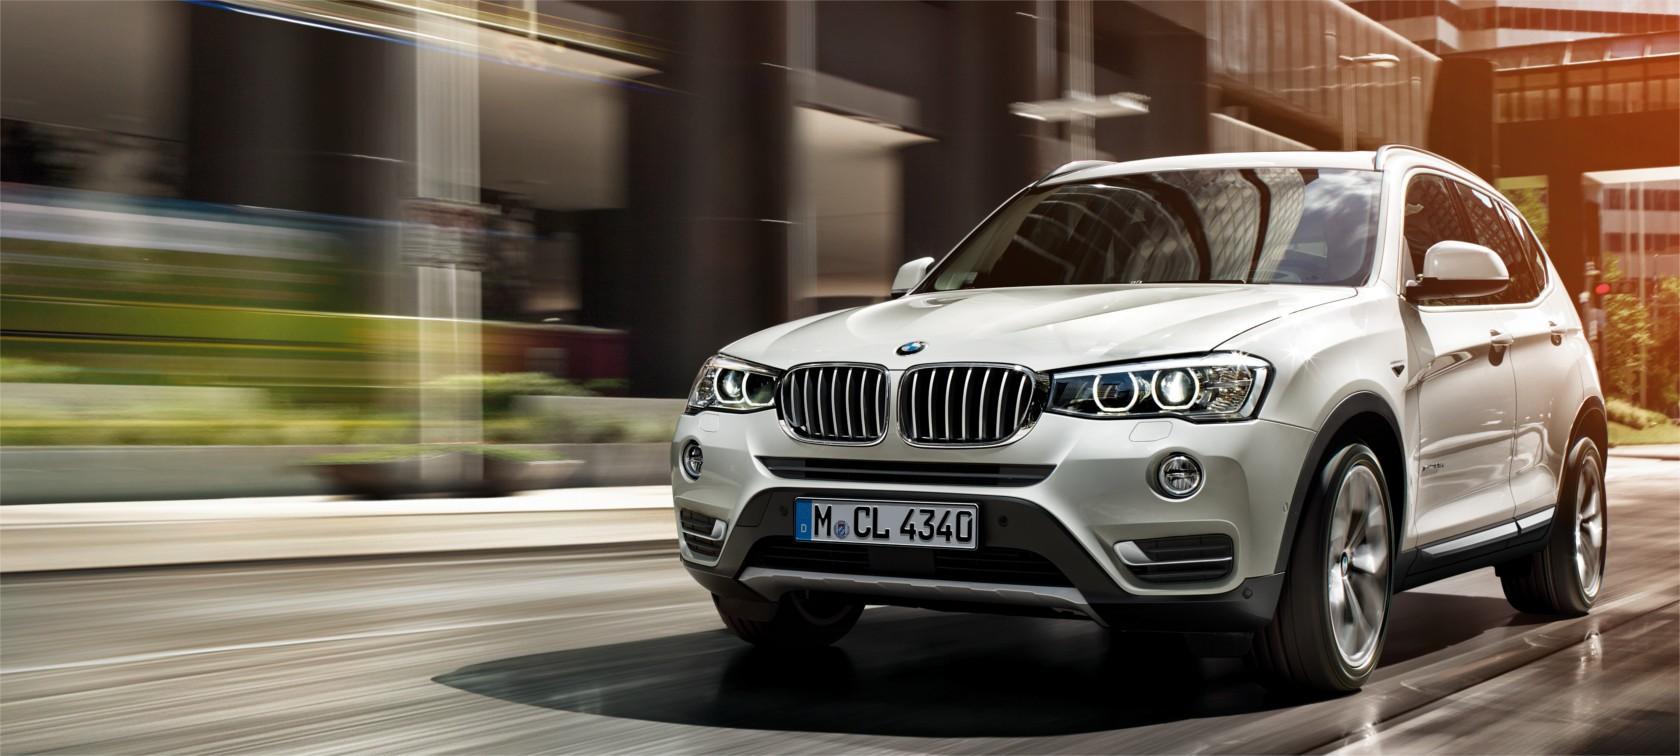 BMW X3 как объект товарной рекламы